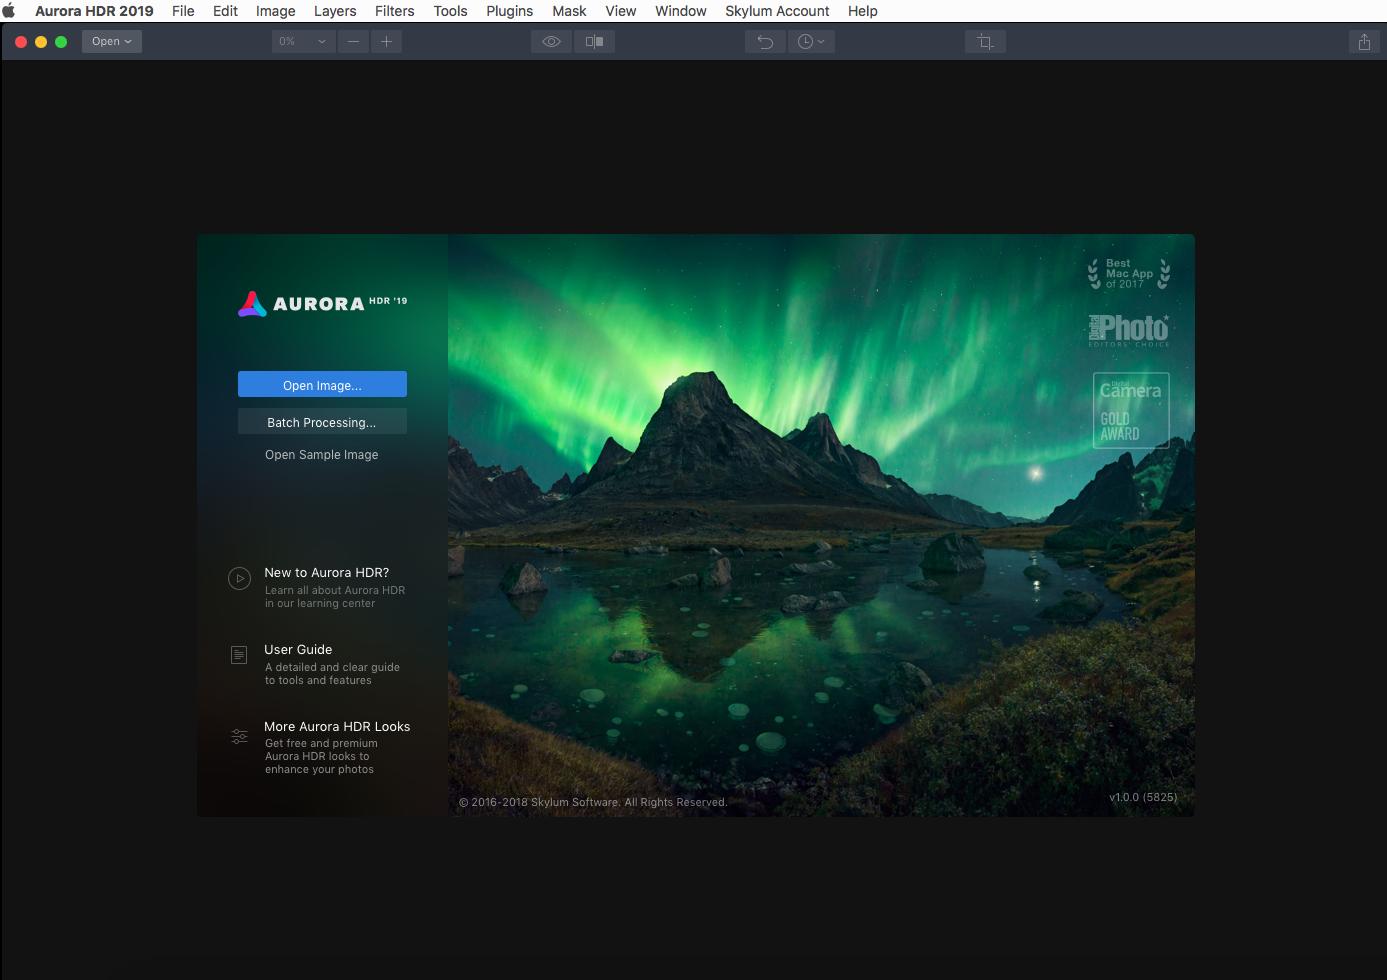 [MAC] Aurora HDR 2019 v1.0.0 (6432) macOS - ENG